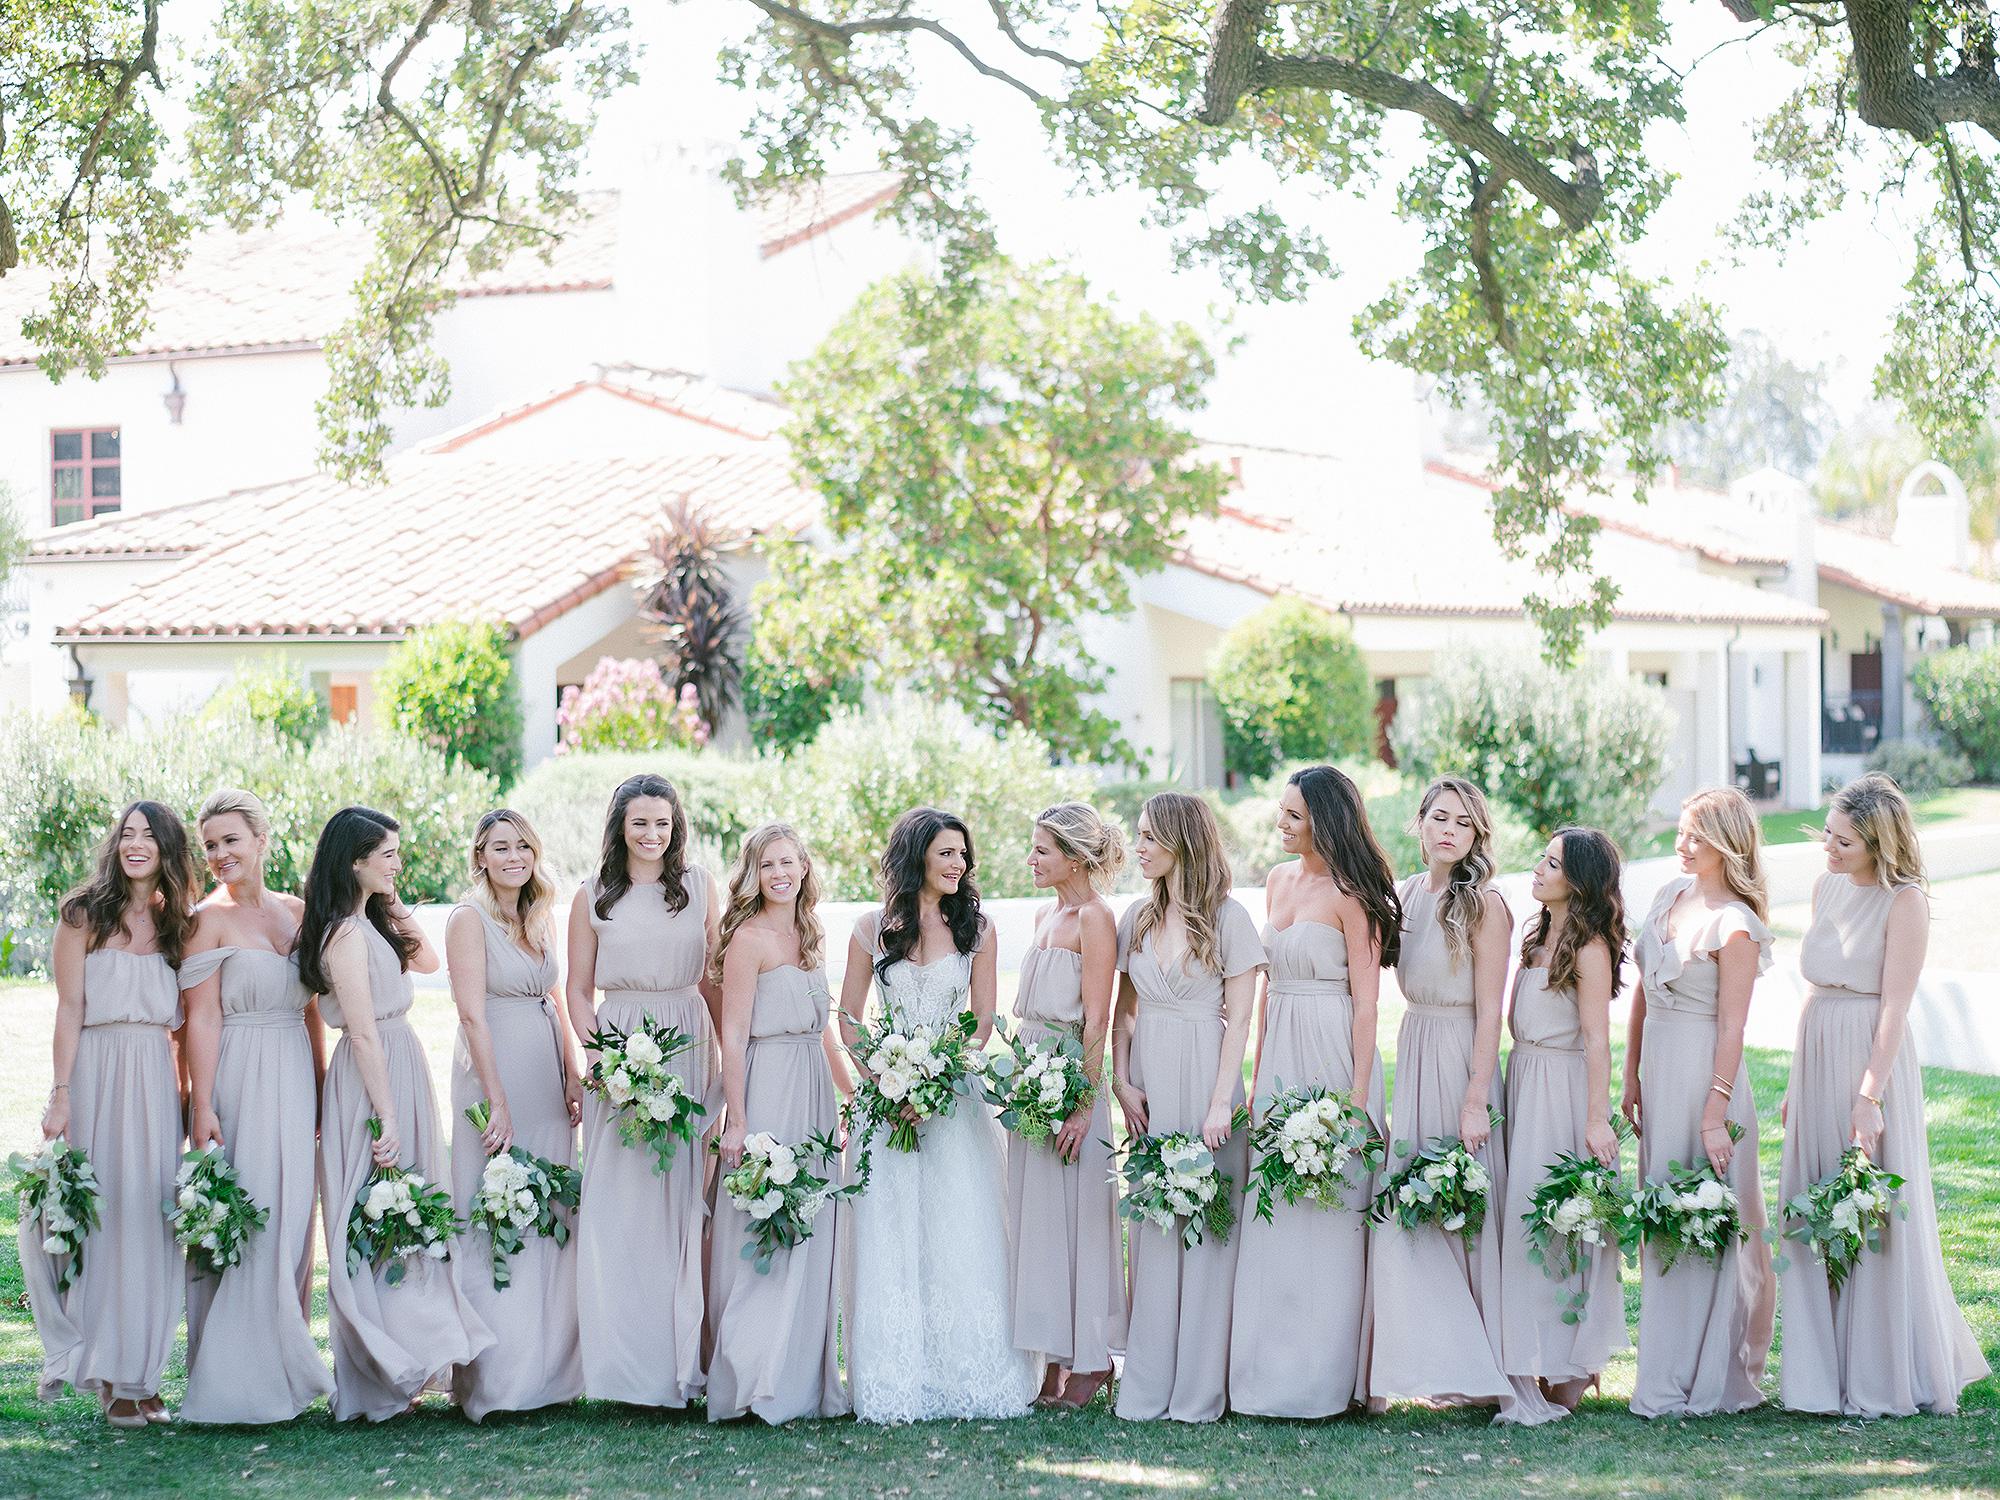 Lauren Conrad, Lo Bosworth, Paper Crown, bridesmaid, wedding